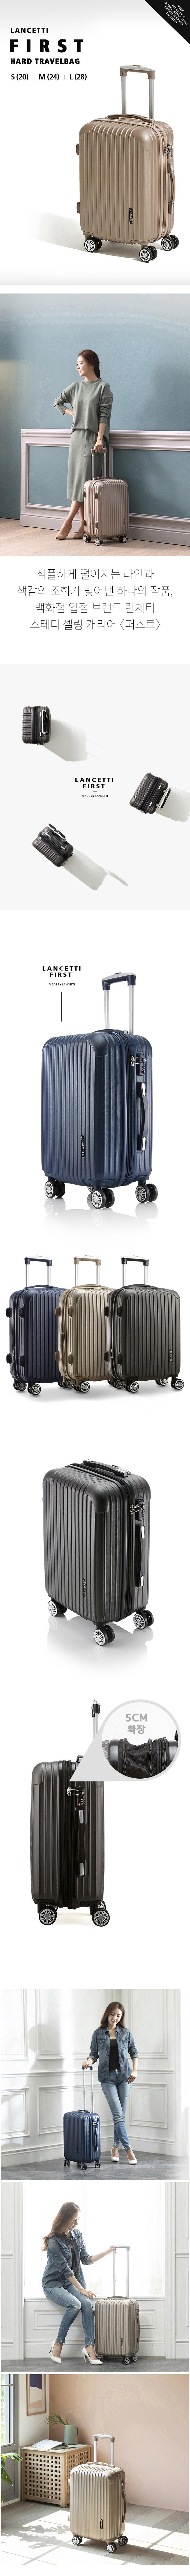 란체티 퍼스트 20+28인치 2종세트 여행용캐리어 여행가방 케리어 - 란체티, 129,000원, 하드형, 중형(24형) 이하